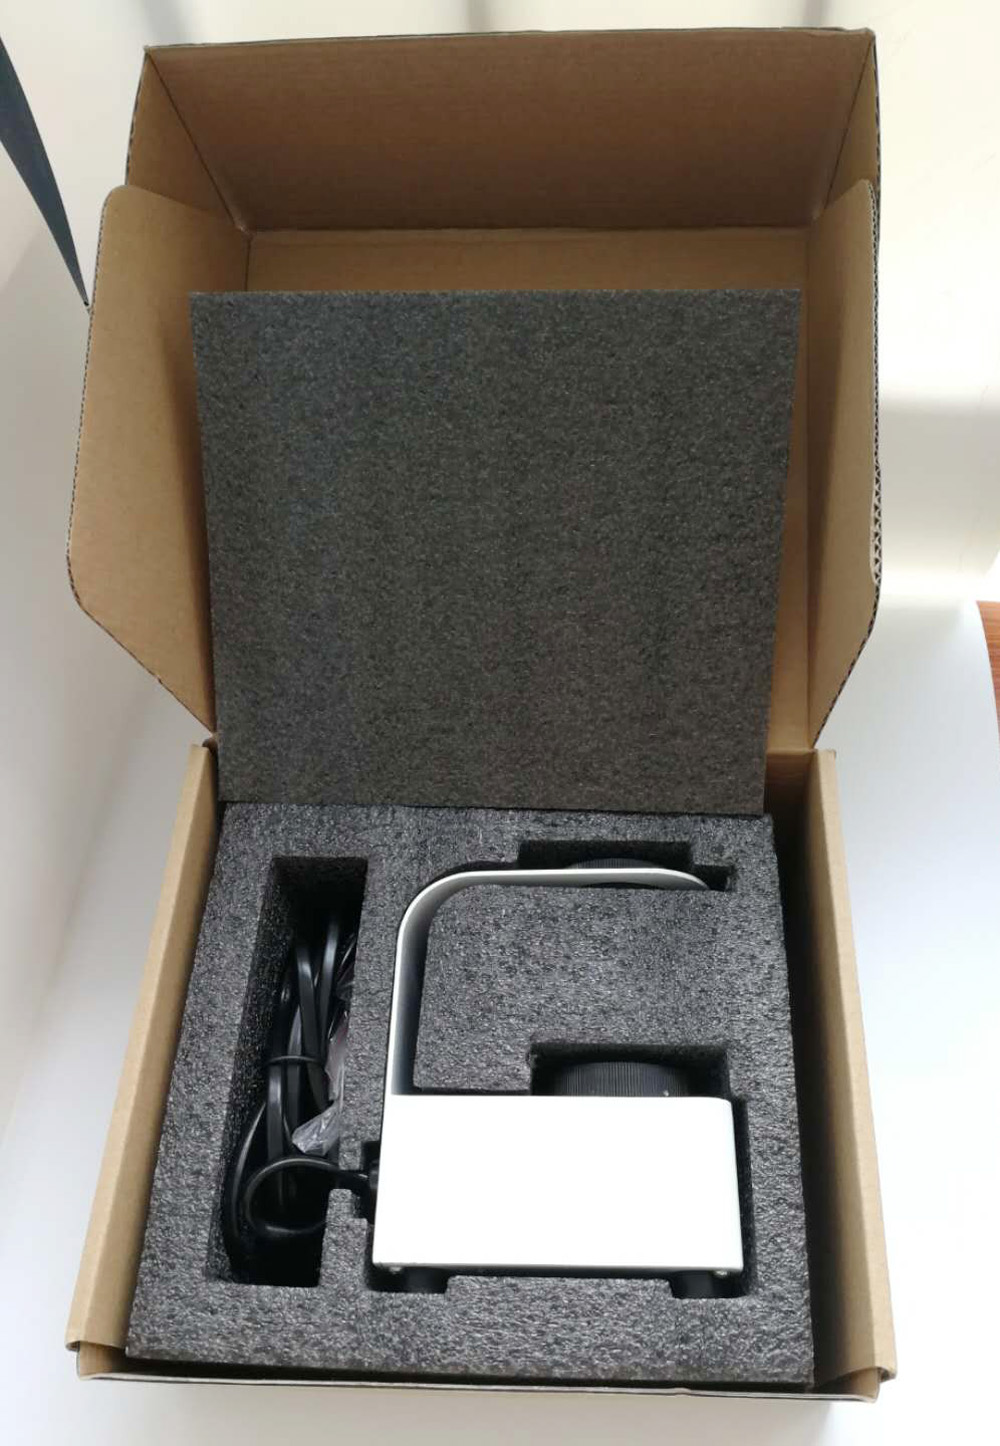 Desktop Polariscope Built-in LED Gemstone Polariscope TP-001